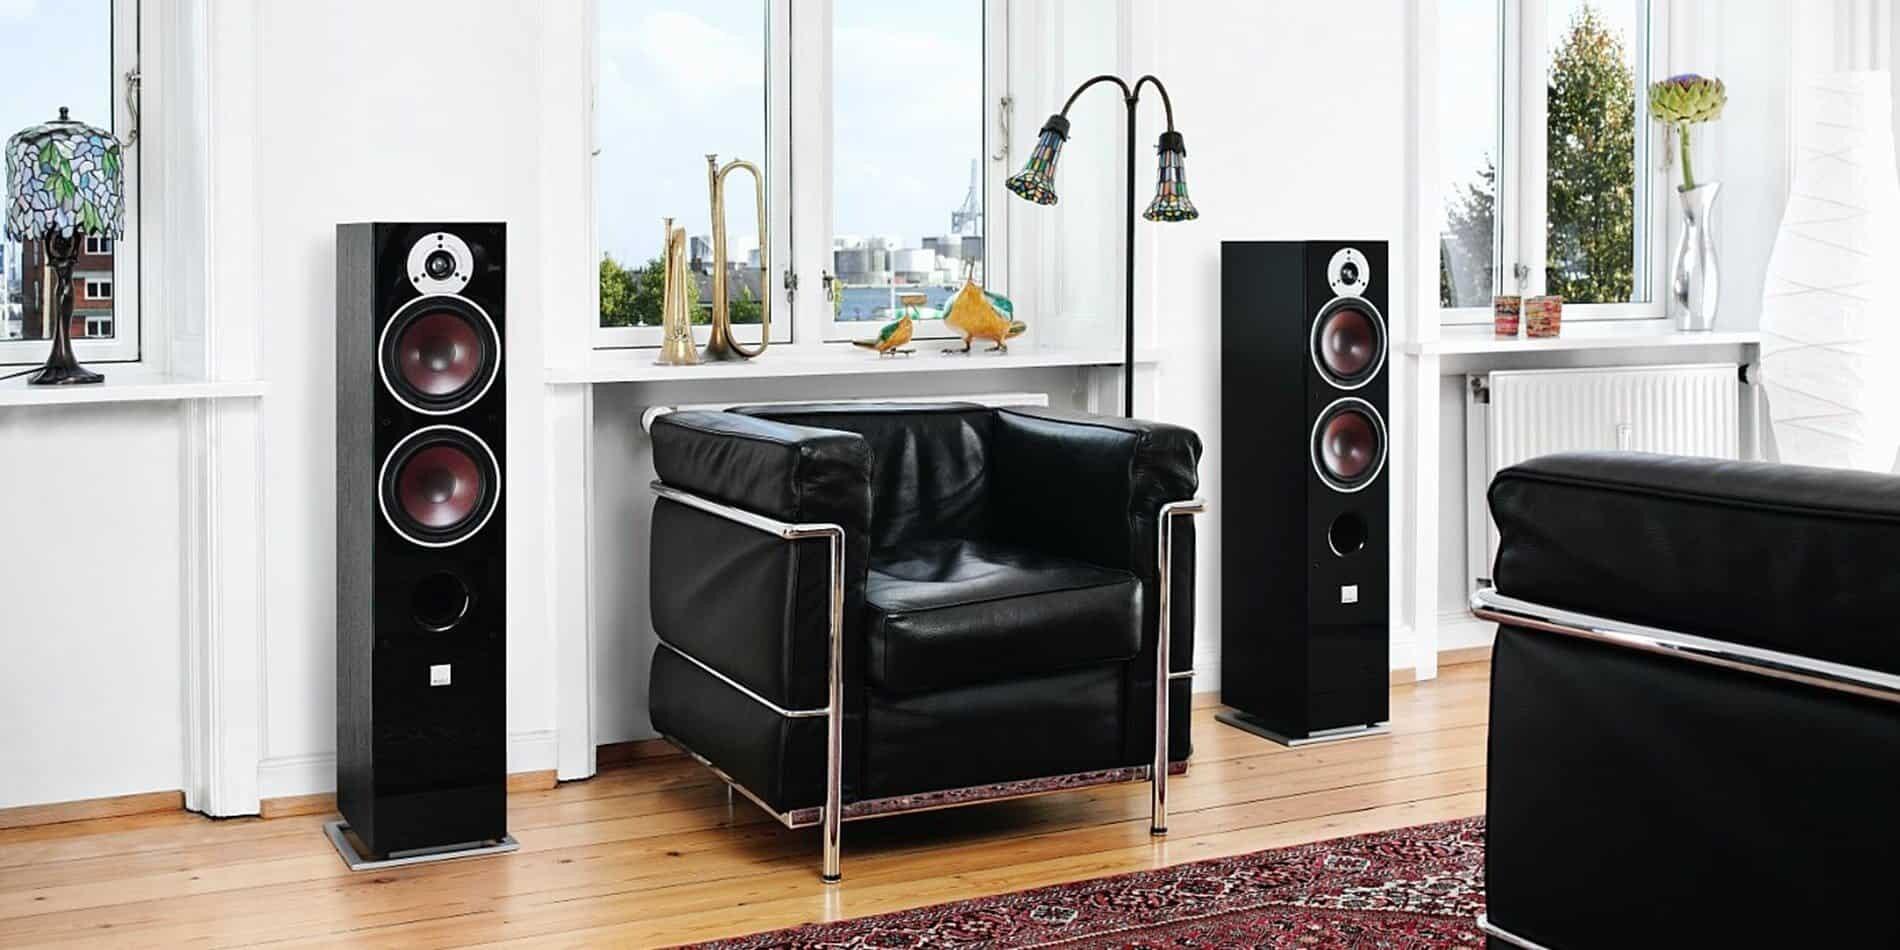 dali zensor serie live erleben heimkinopartner bremen. Black Bedroom Furniture Sets. Home Design Ideas